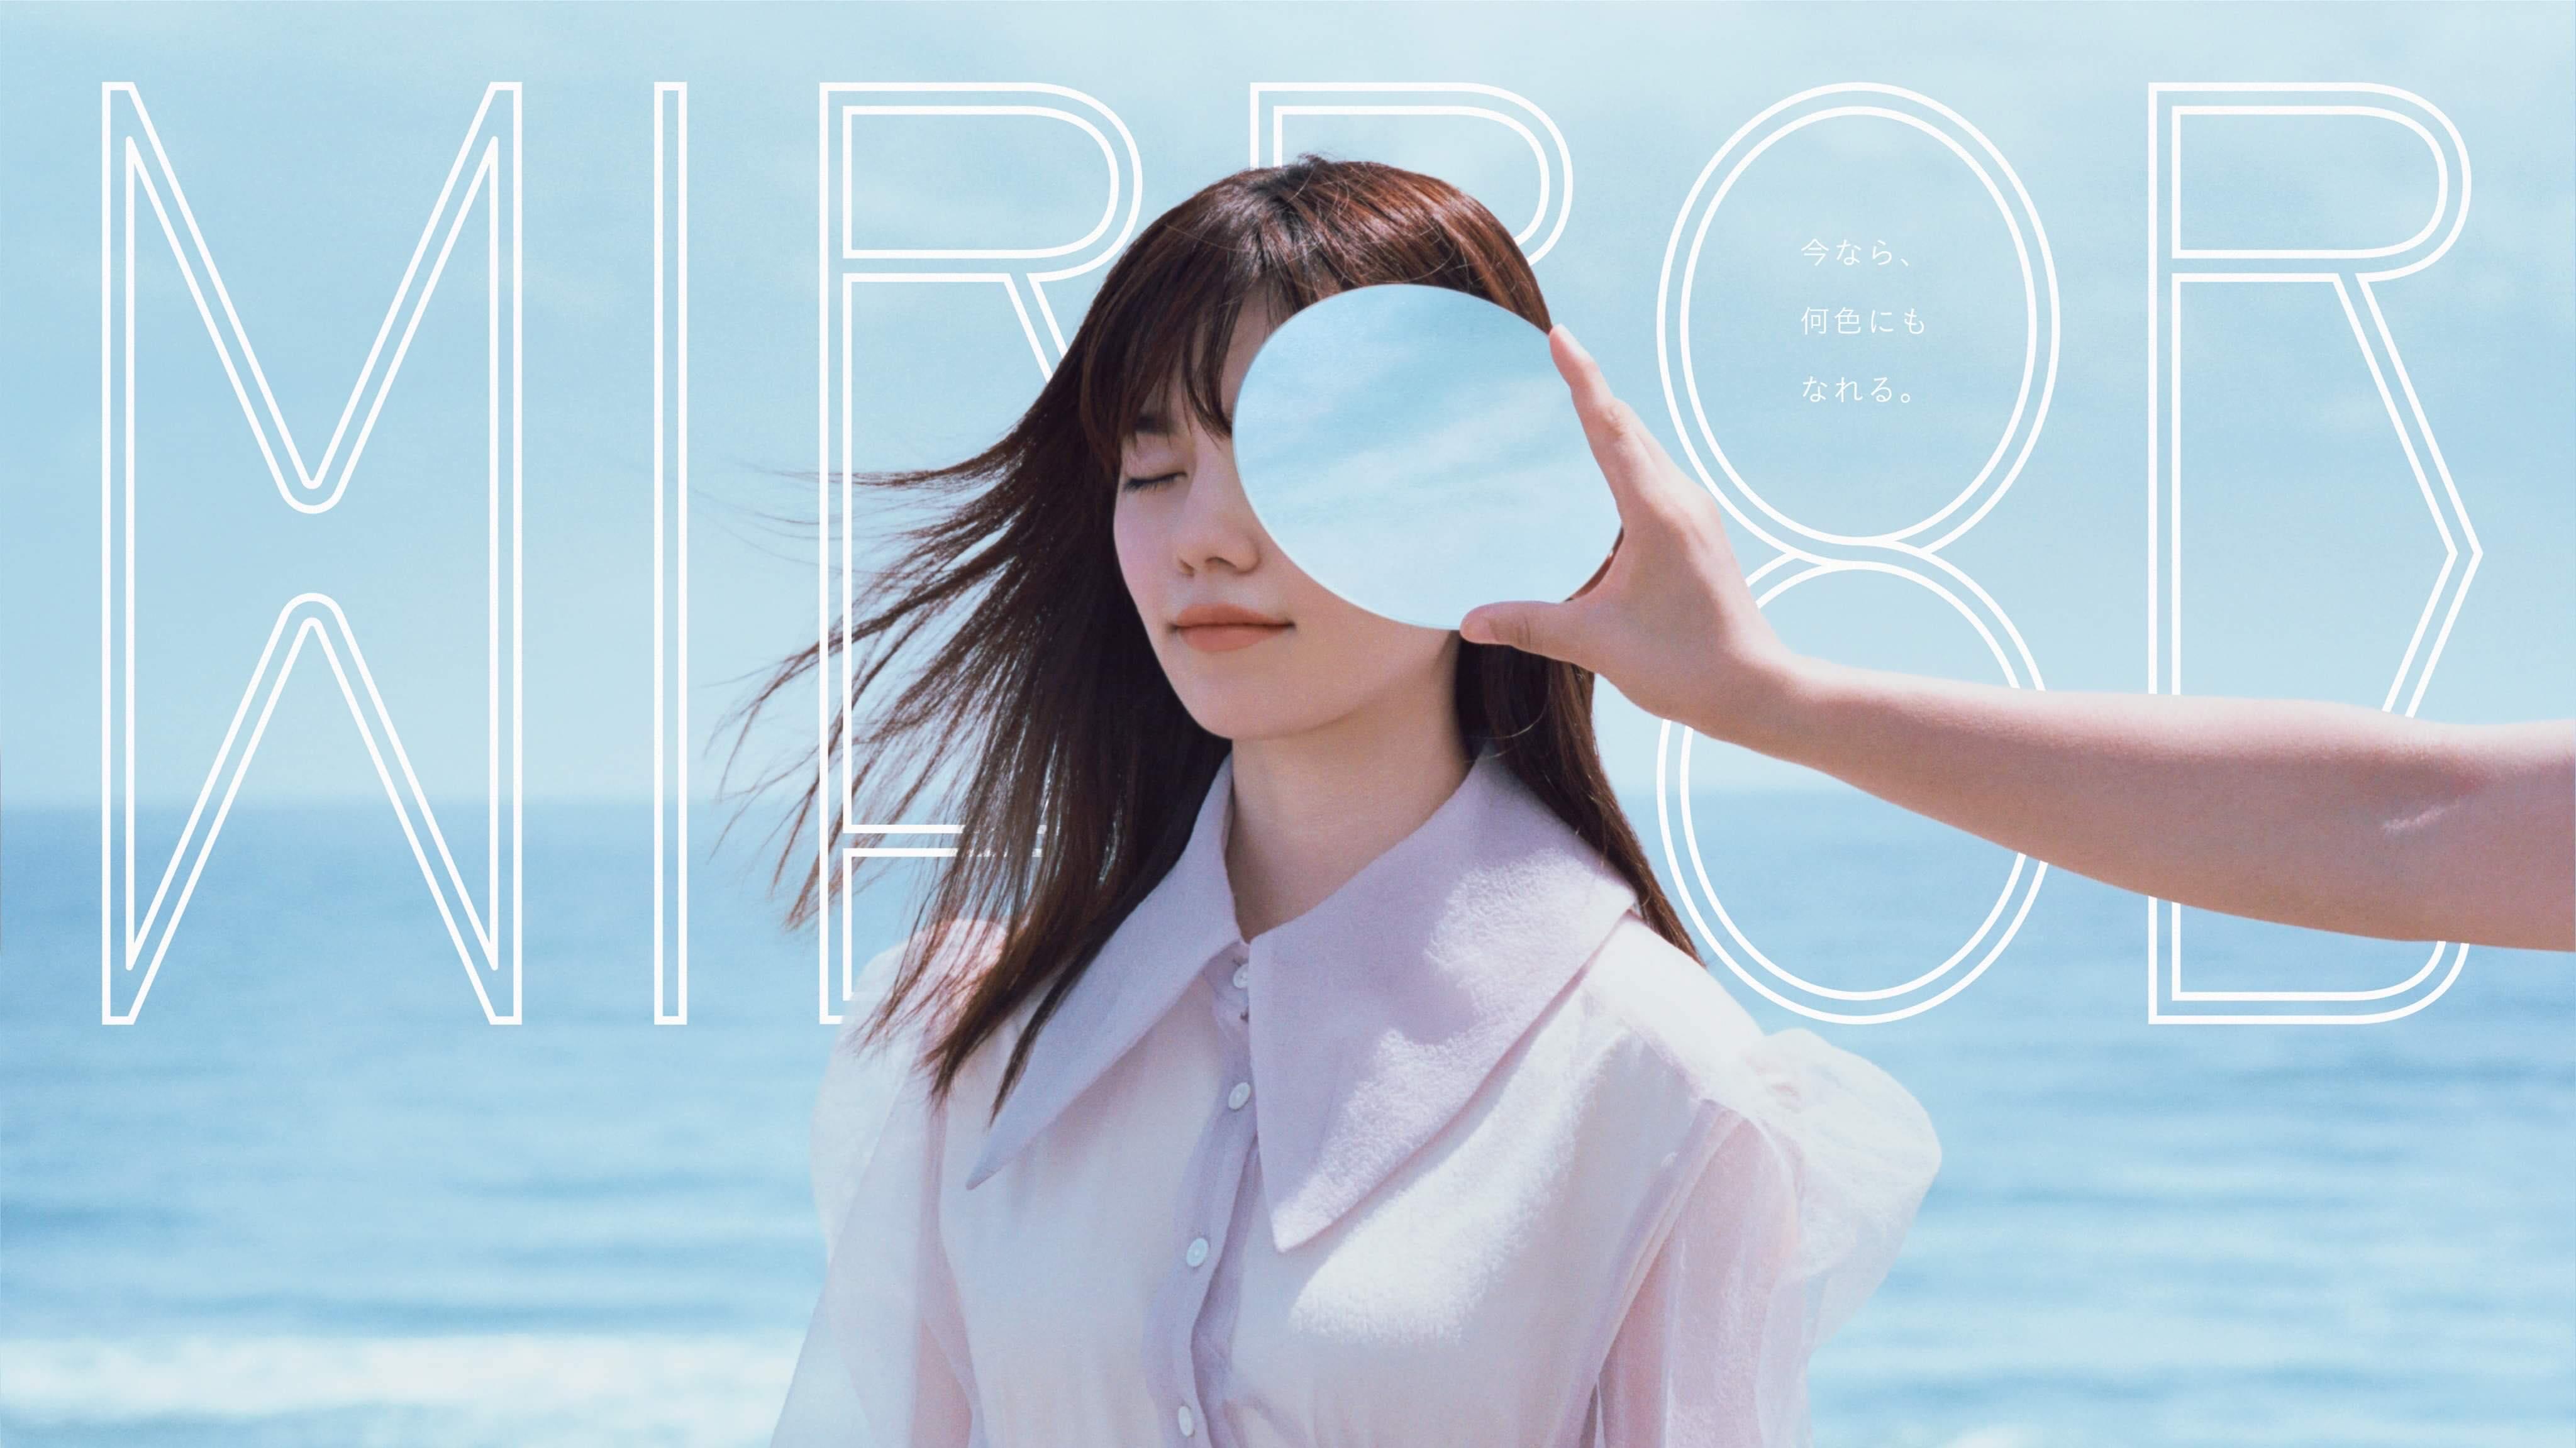 島崎遥香をクリエイティブディレクターに起用した、完全数量限定のコスメブランド『MIRROR』から「今の気分が映るリップ」をコンセプトにマットリップシリーズ全3色が10月1日に発売